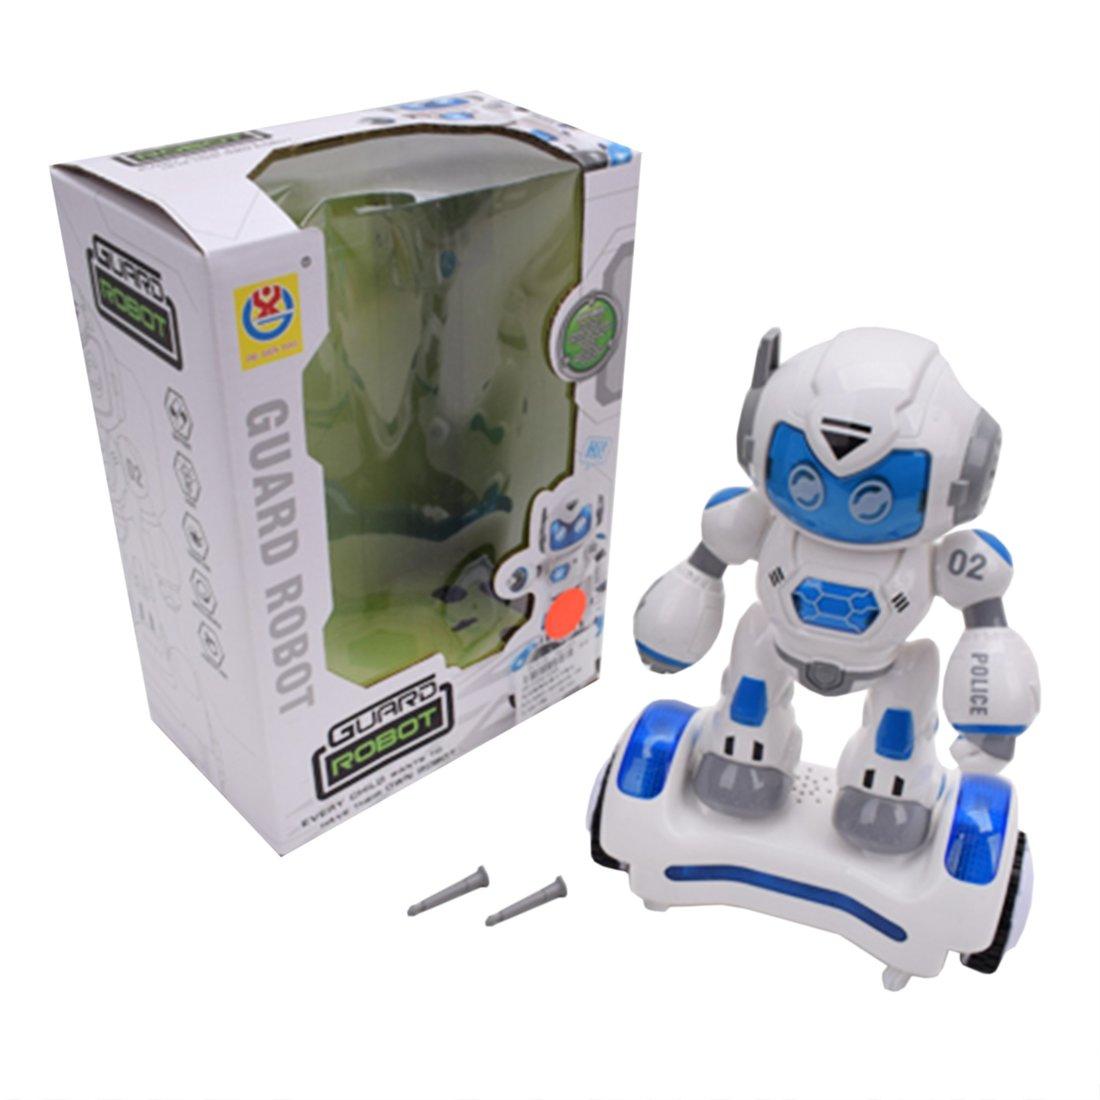 Робот эл., свет, звук, в комплекте: стрелы 2шт., эл.пит.АА*3шт.не вх.в комплект, коробка